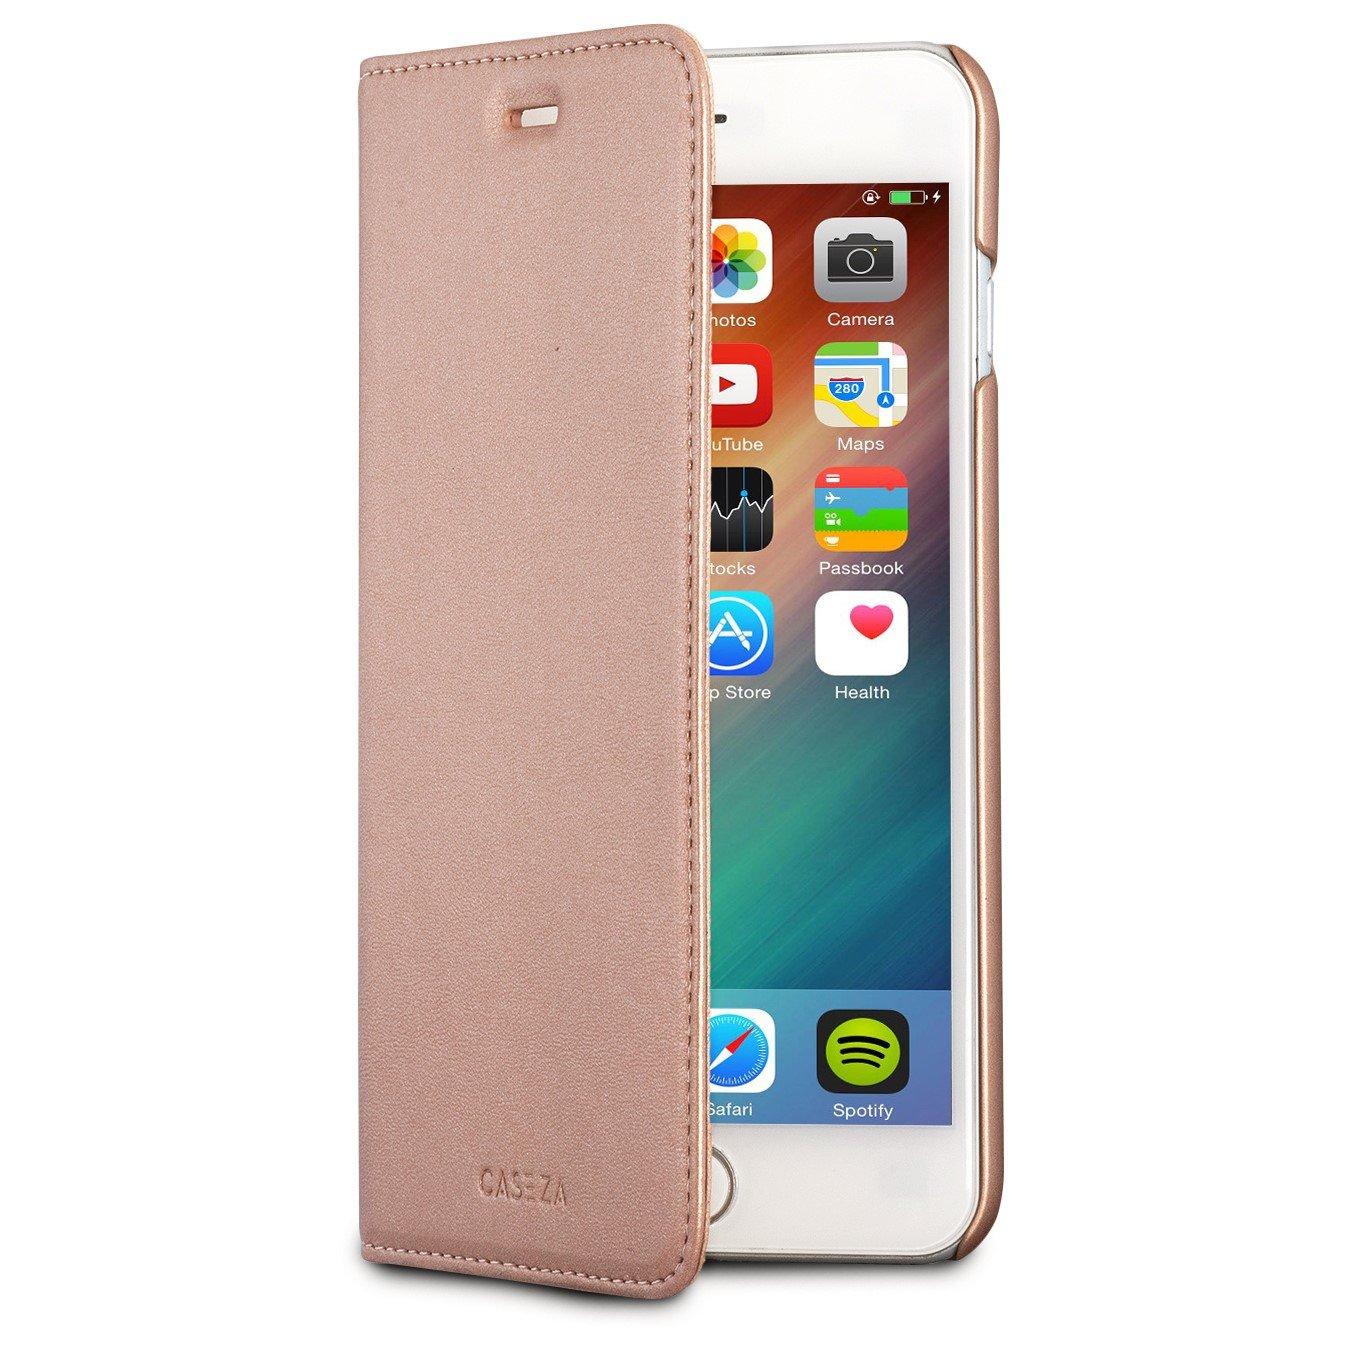 CASEZA Etui iPhone 8 Plus Etui iPhone 7 Plus Rose Gold Oslo Coque Cuir  Végétalien Housse Folio à Rabat Portefeuille Livre en Simili Cuir pour  Apple iPhone 8 ... 6cb9d8d4b7f